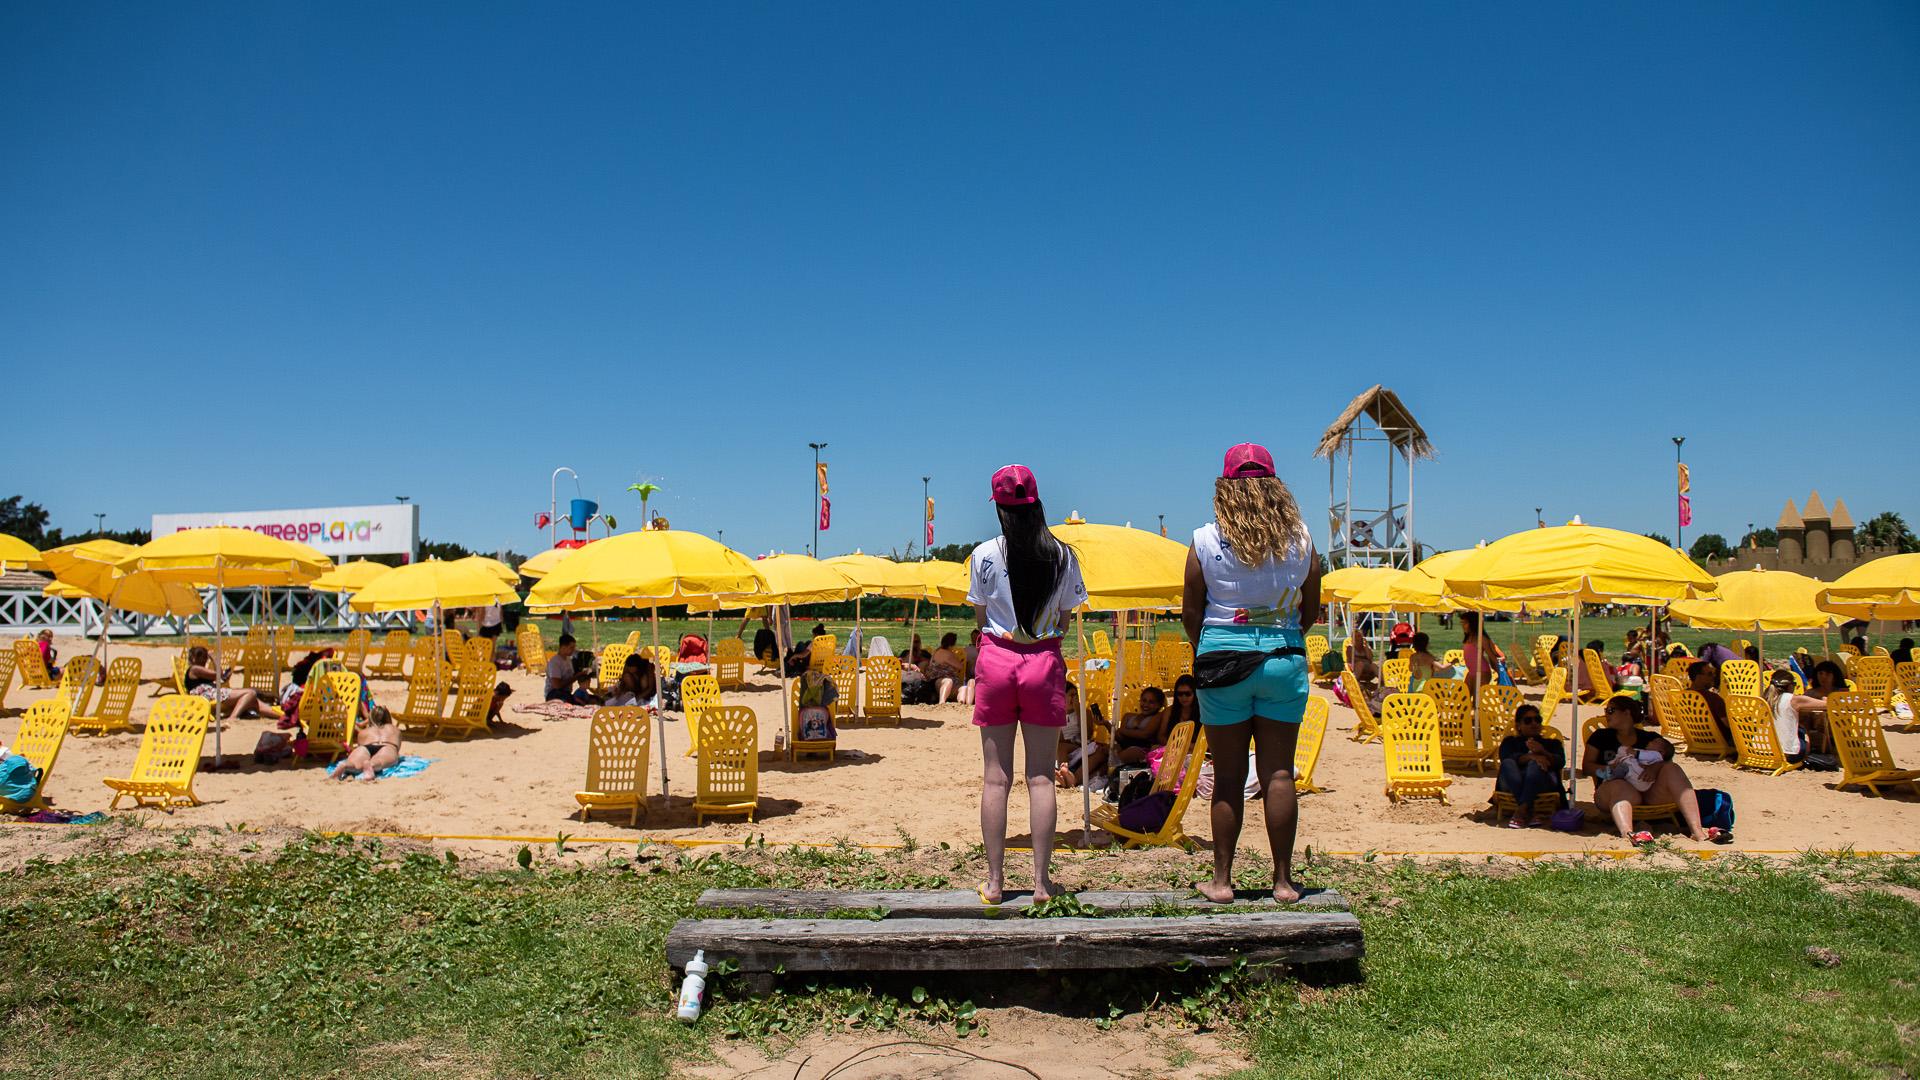 Las playas tienen cuidadores que garantizan la seguridad de las familias